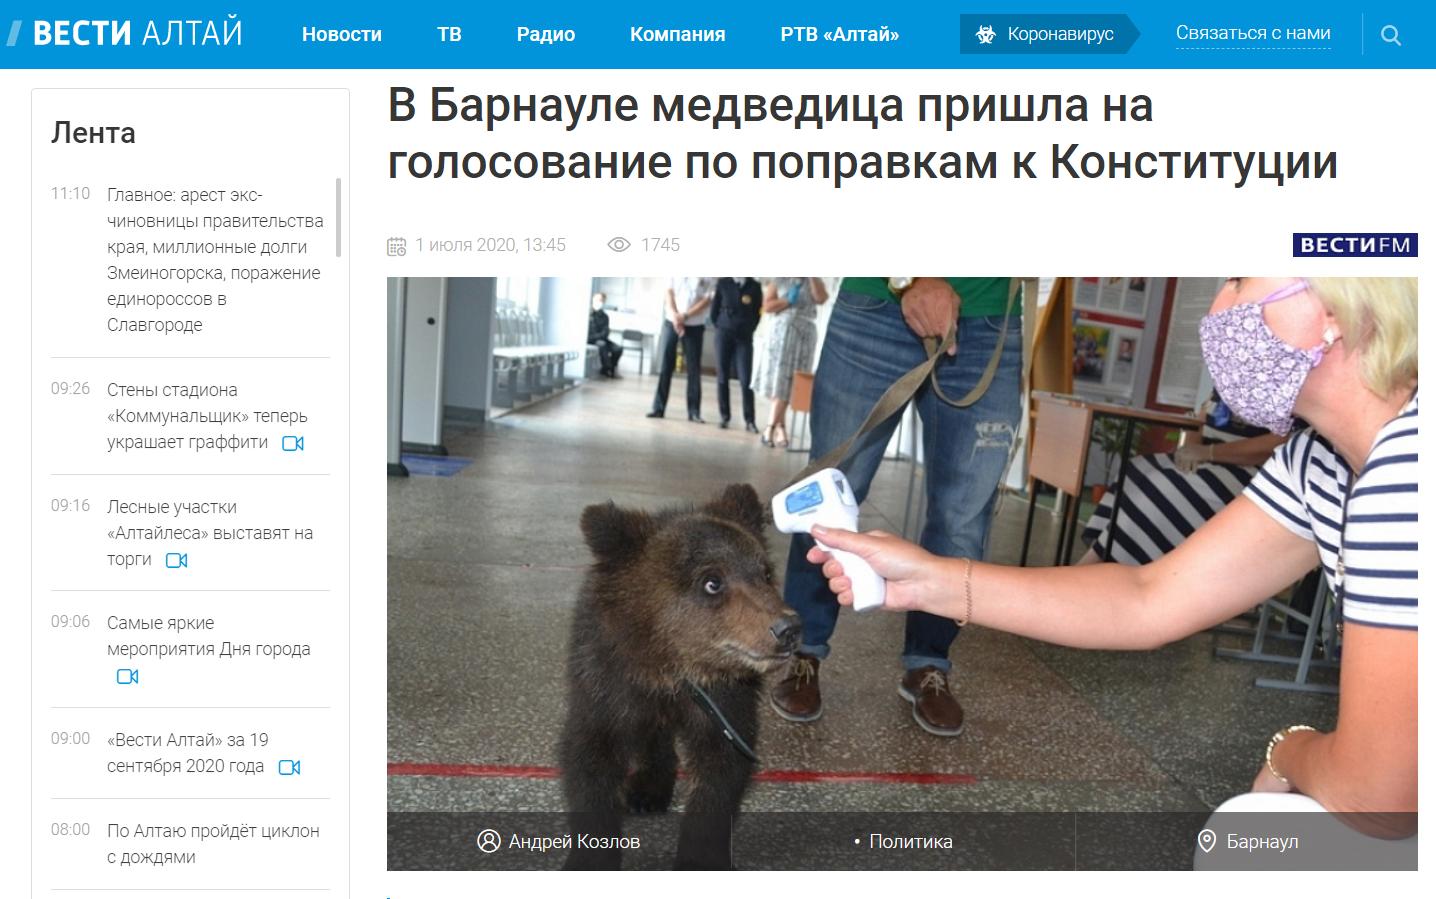 """""""W Barnaule niedźwiedzica przyszła na głosowanie w sprawie poprawek do konstytucji"""""""